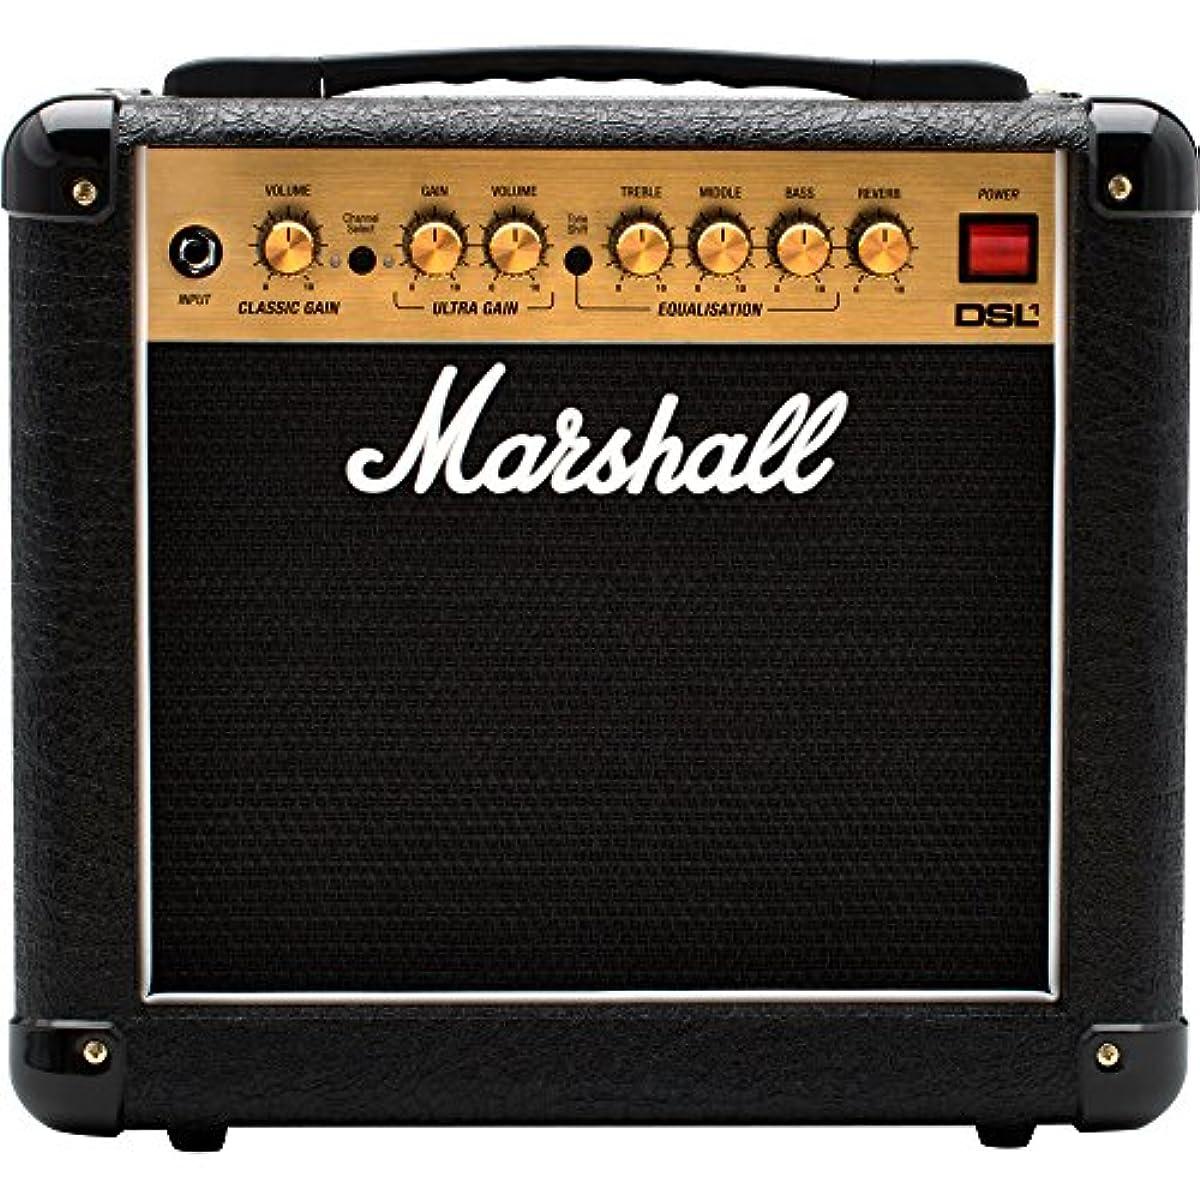 [해외] 마샬 MARSHALL 기타 앰프 콤보 1W DSL1C 마샬 톤을 콤팩트에 포터블인 사이즈에 응축 에뮤레토회로 부착 헤드폰 출력 홈 유스로 최적